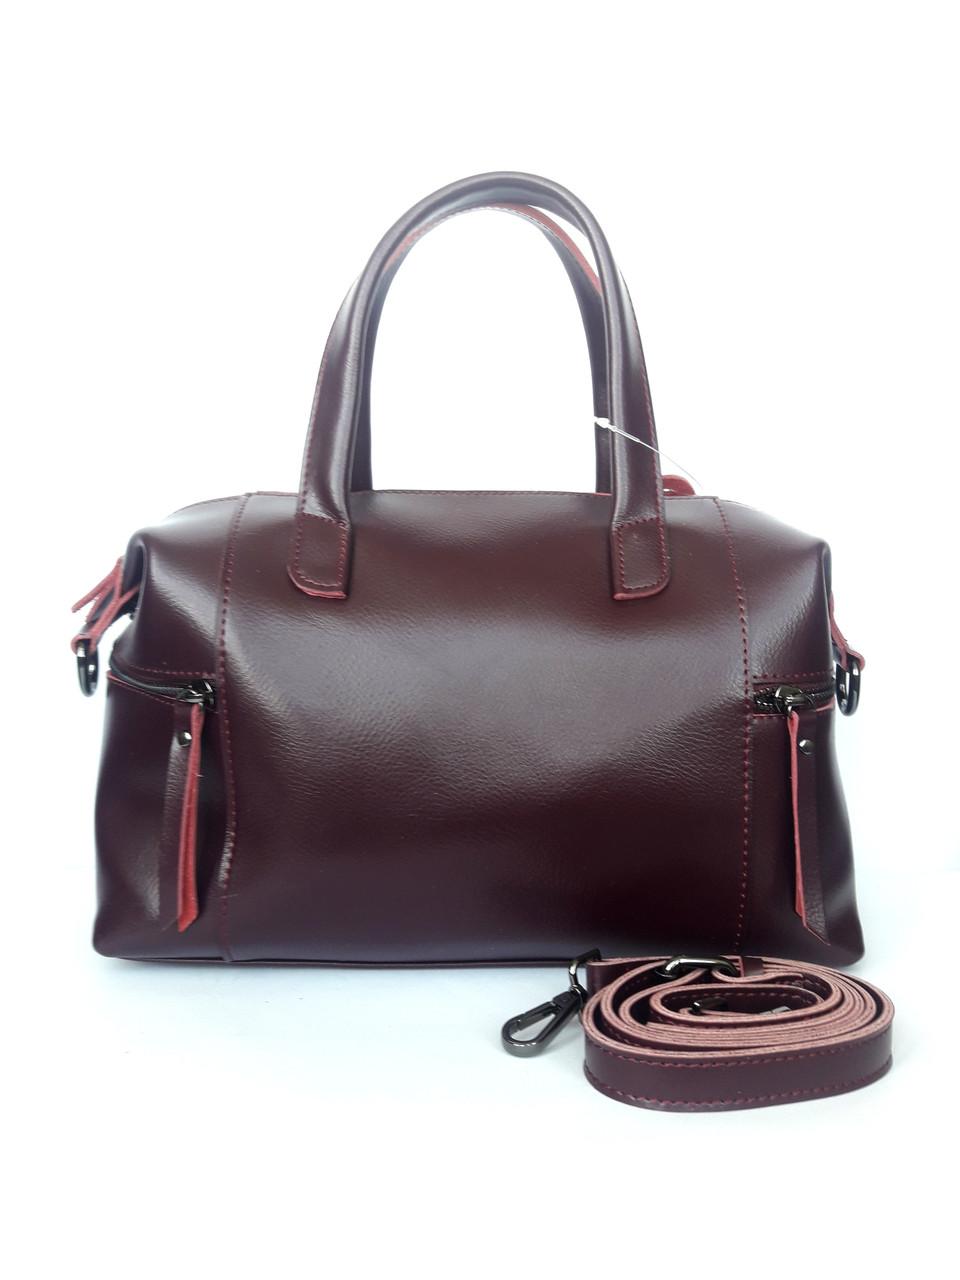 440b12ea8514 Женская кожаная сумка (сумка-трансформер)